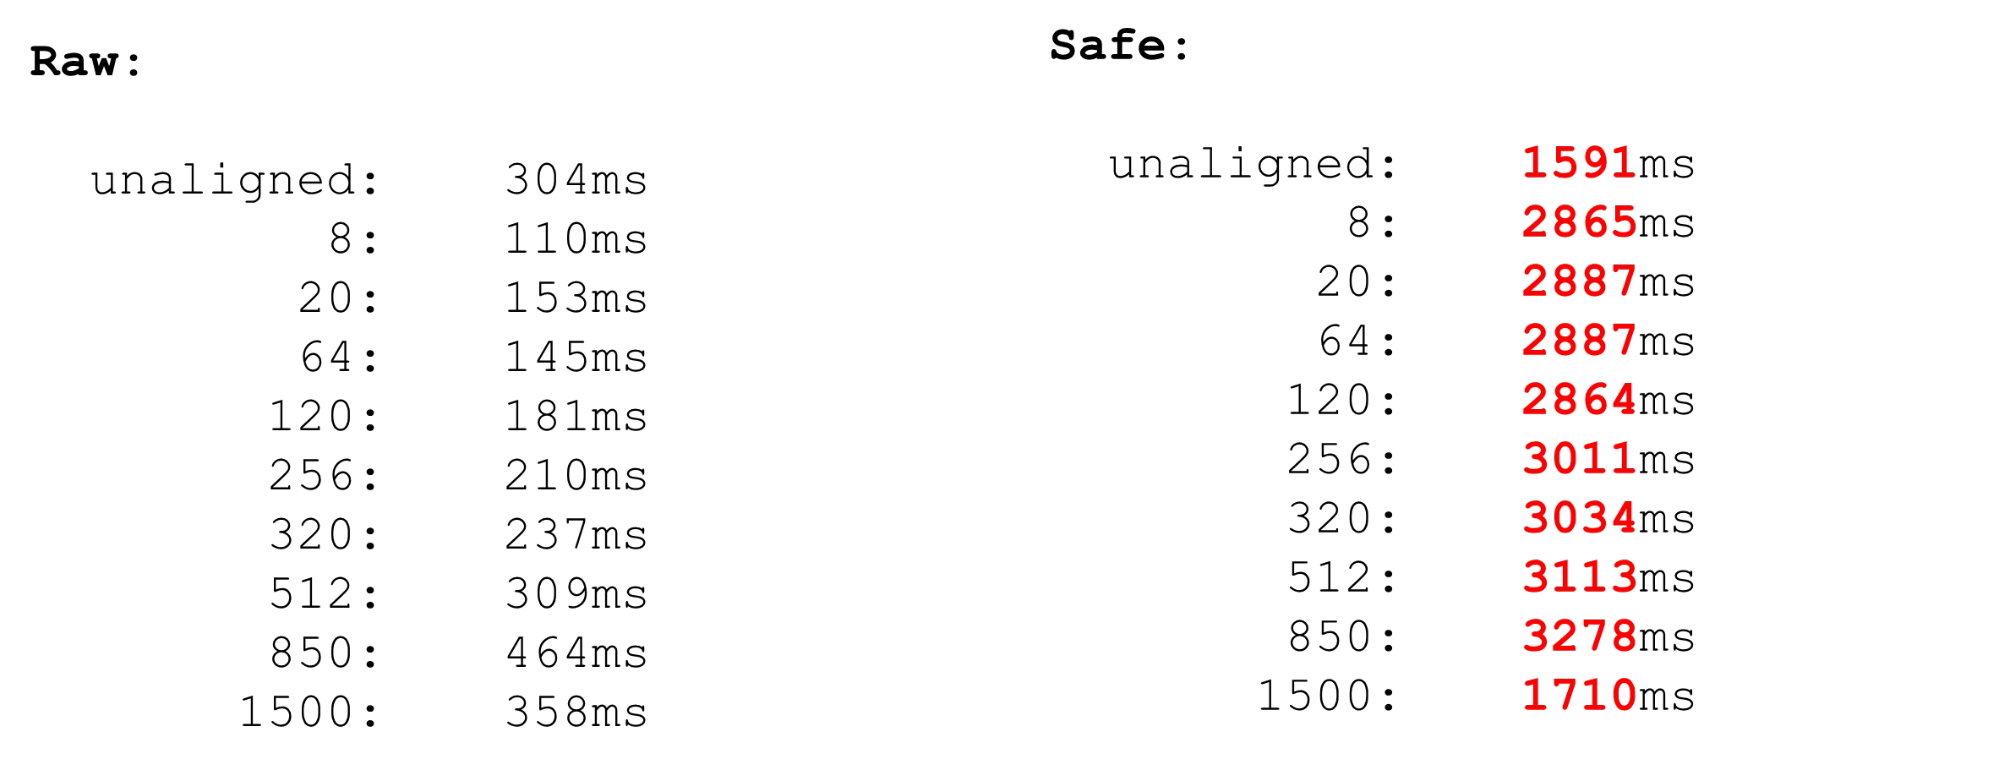 Алгоритмы быстрой обработки HTTP-строк - 29